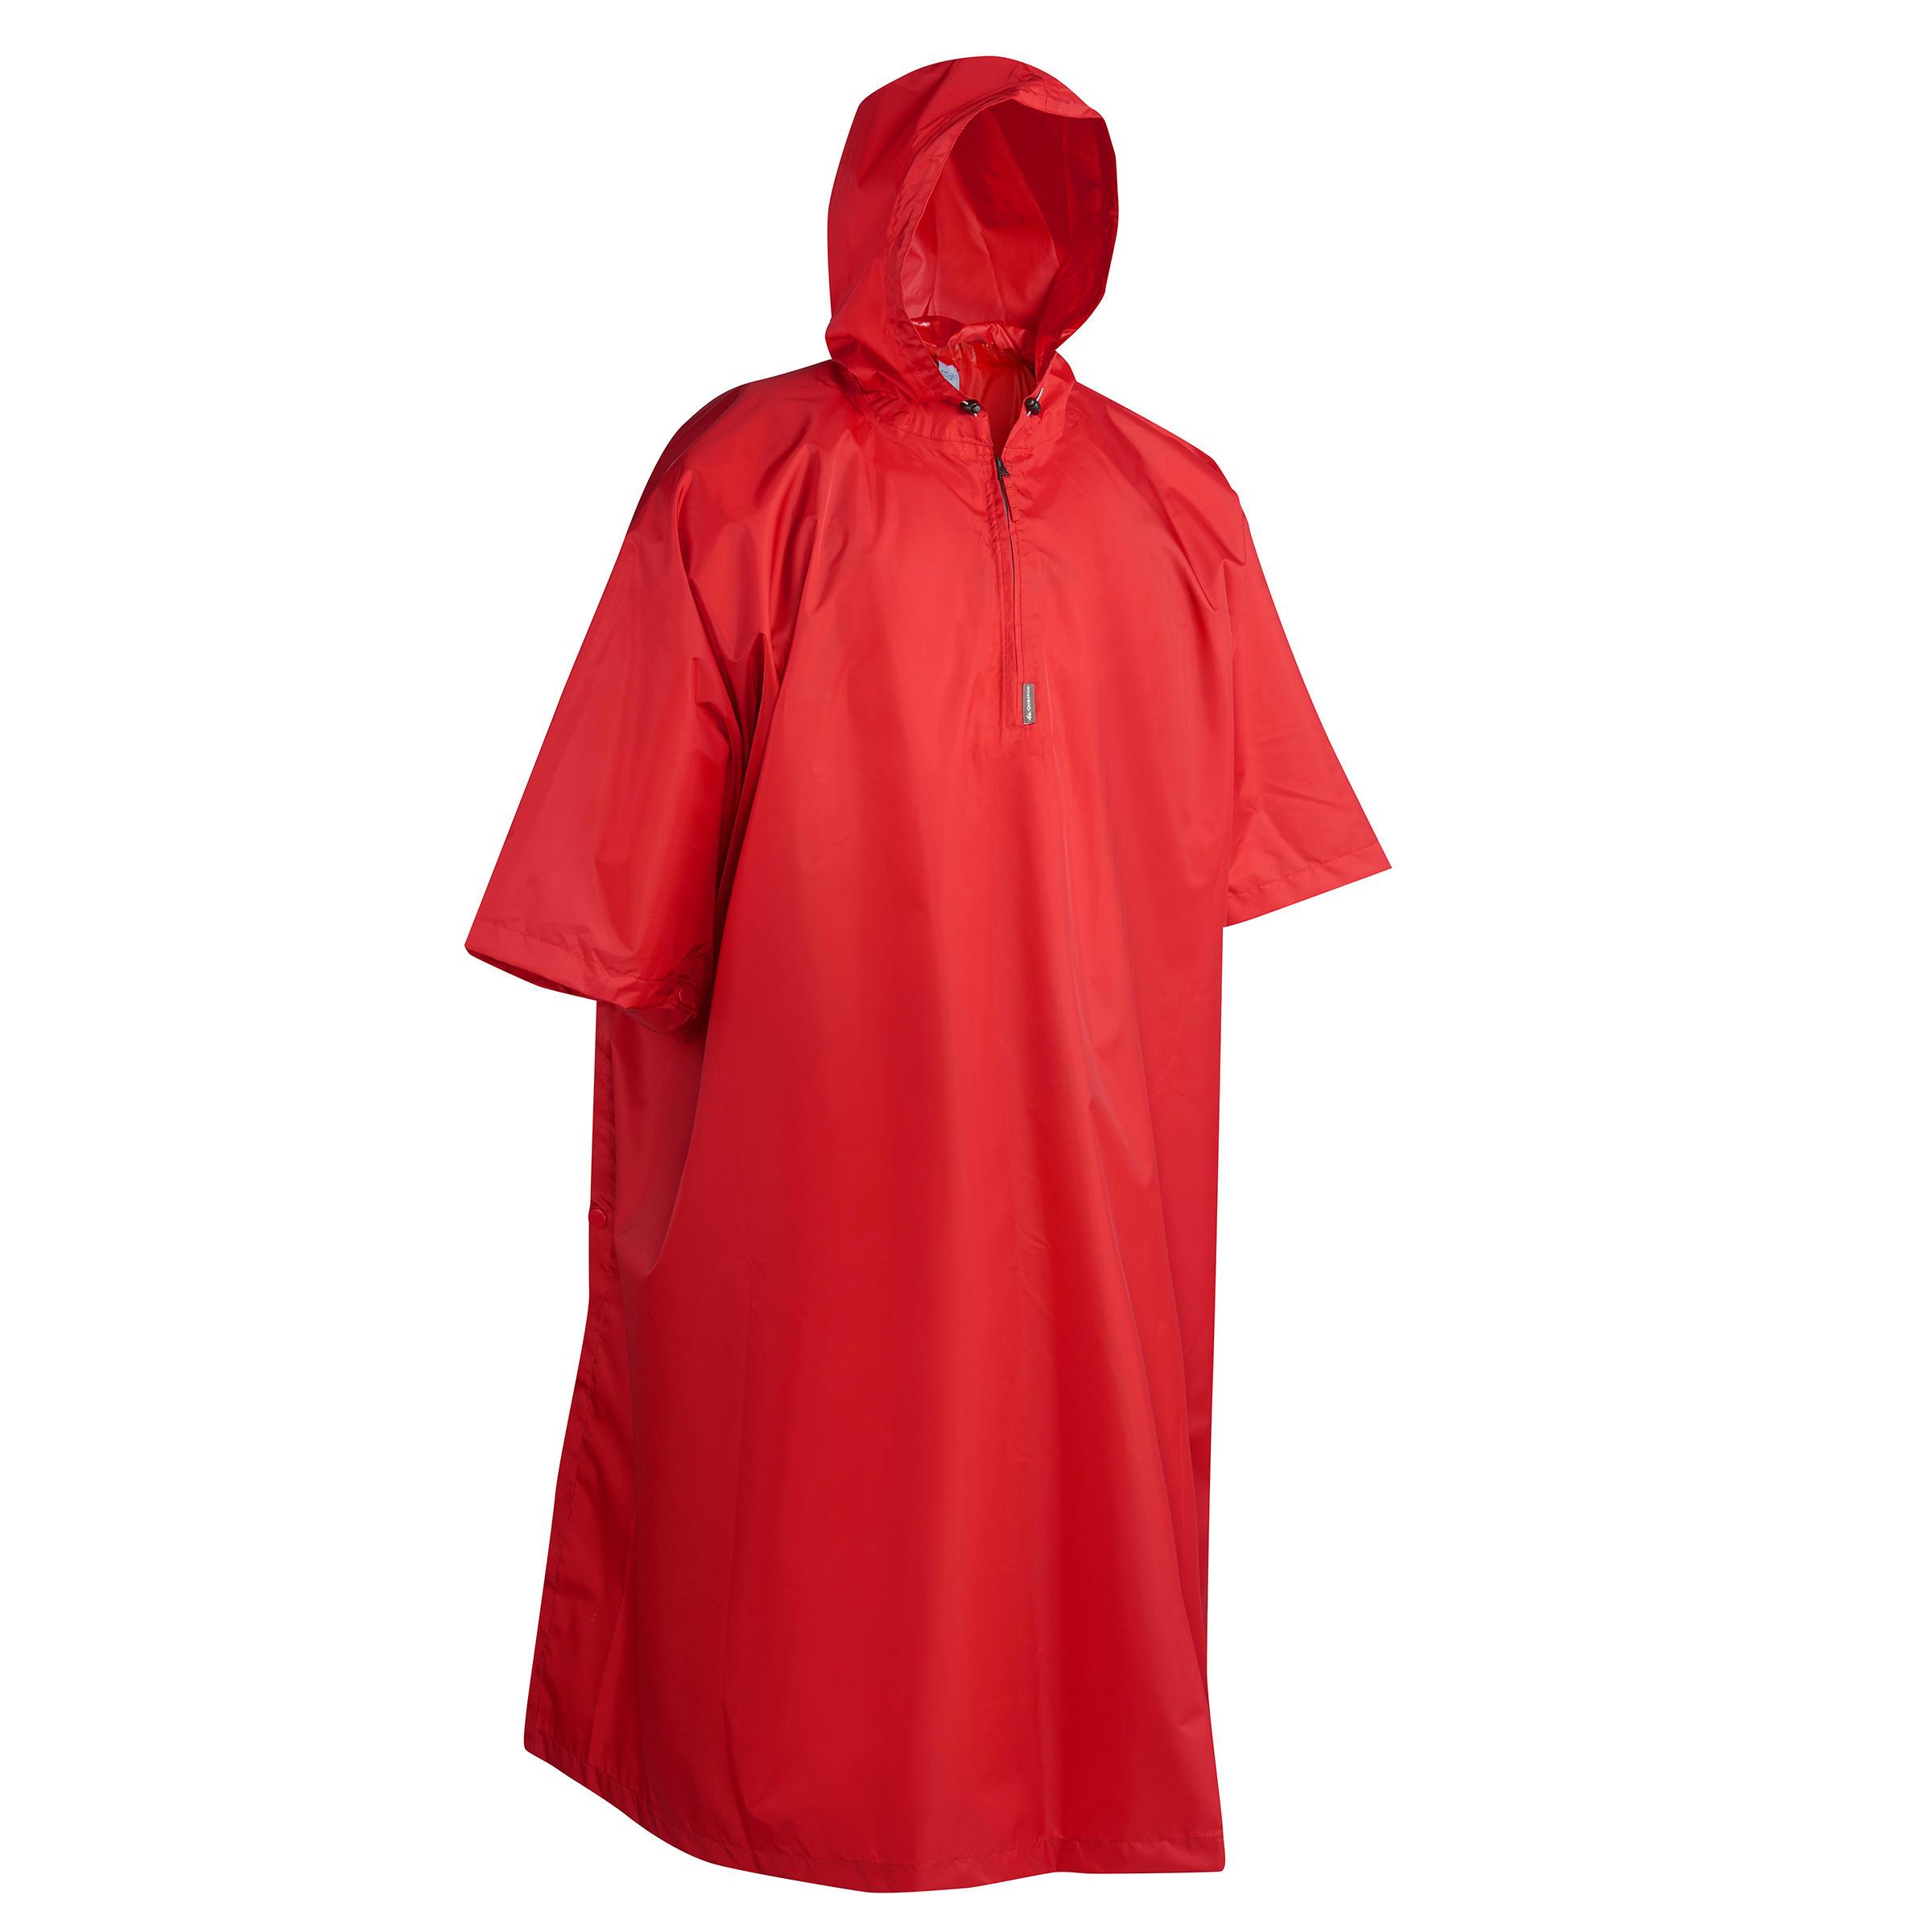 Damen,Herren,Kinder Poncho Regencape Arpenaz 25 Liter Kinder rot | 03608439706981